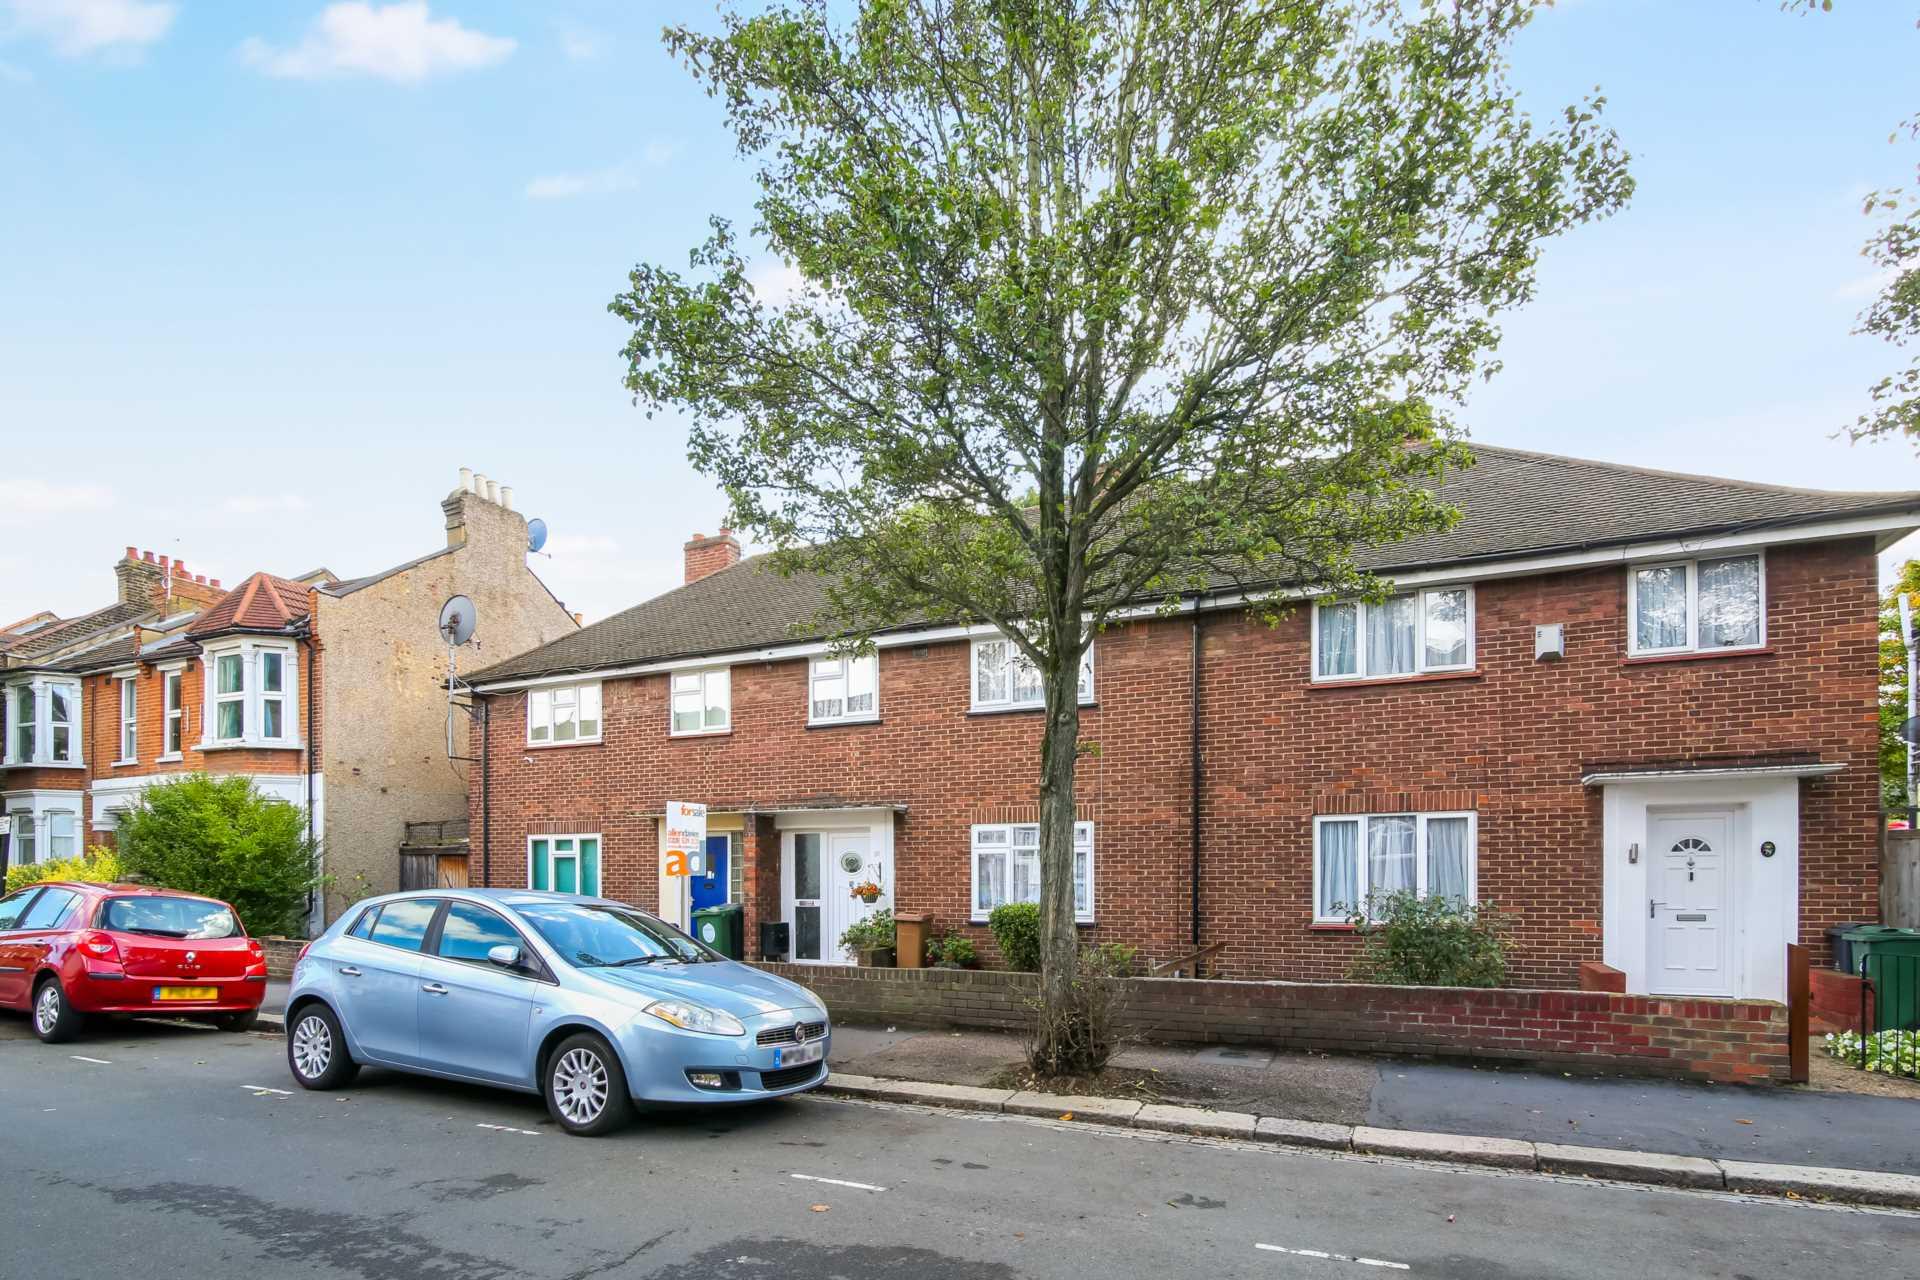 Huxley Road, Leyton, E10, Image 15